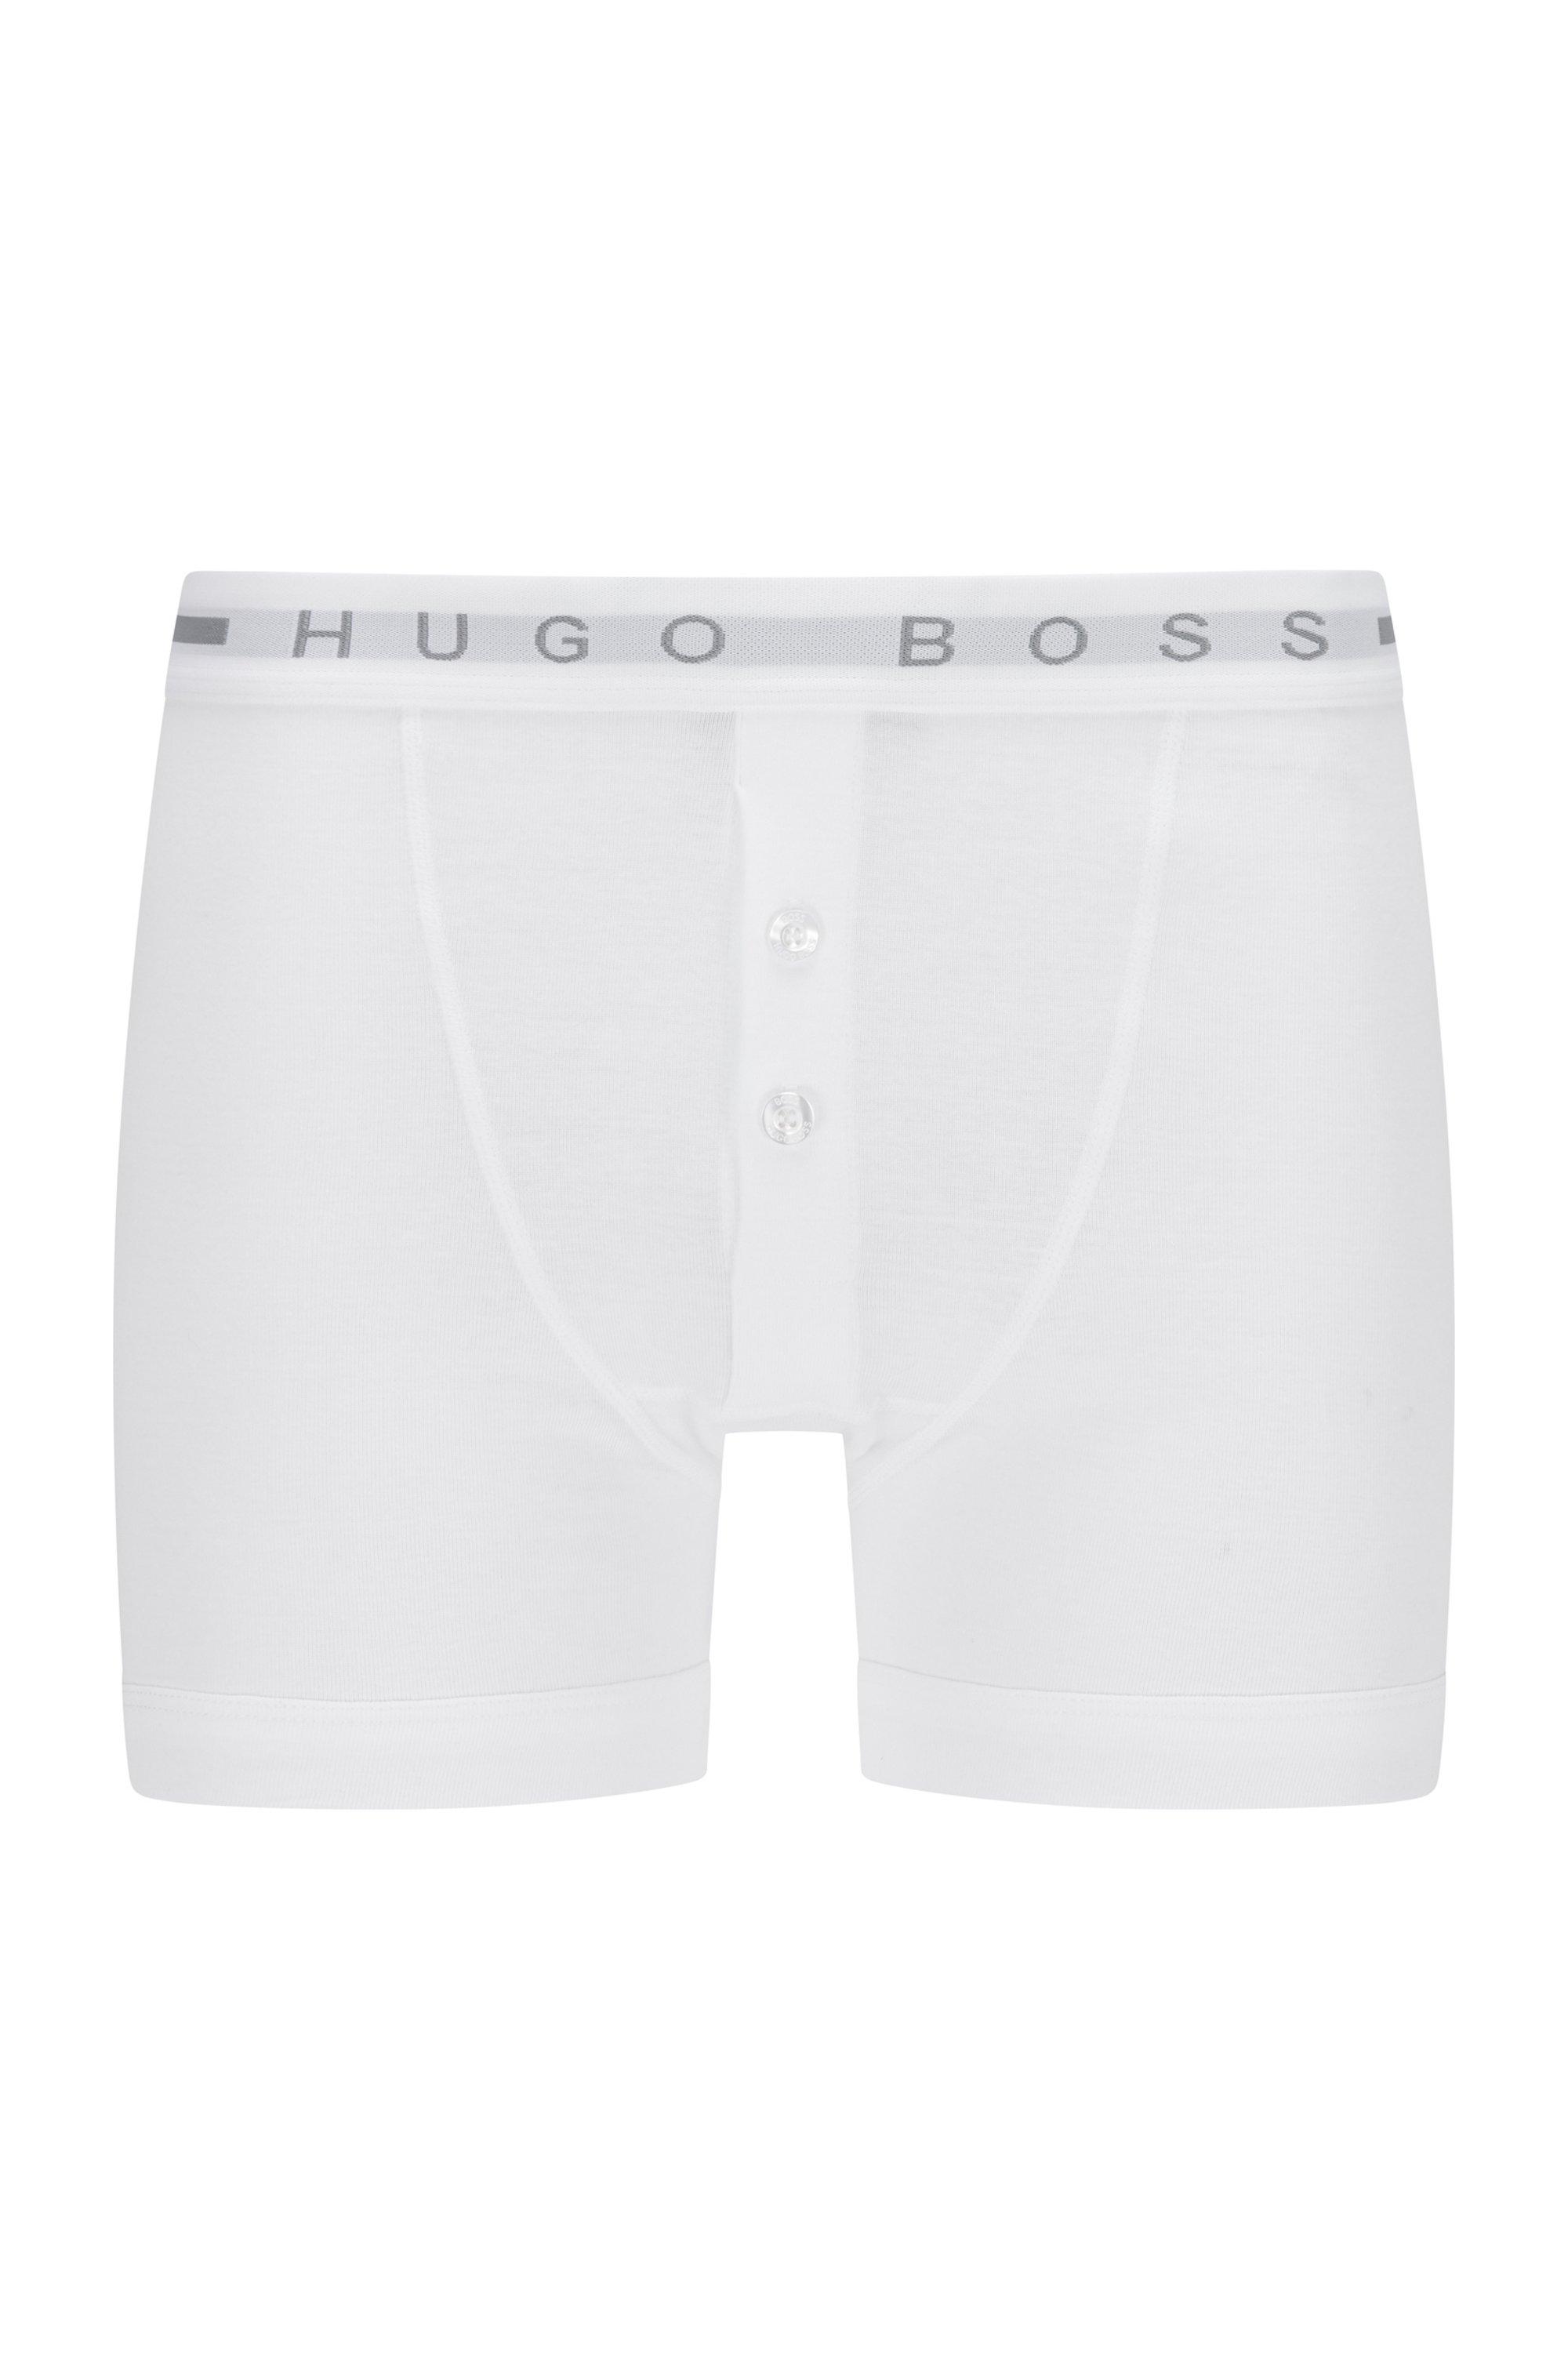 Boxer a coste in cotone con elastico in vita con logo, Bianco